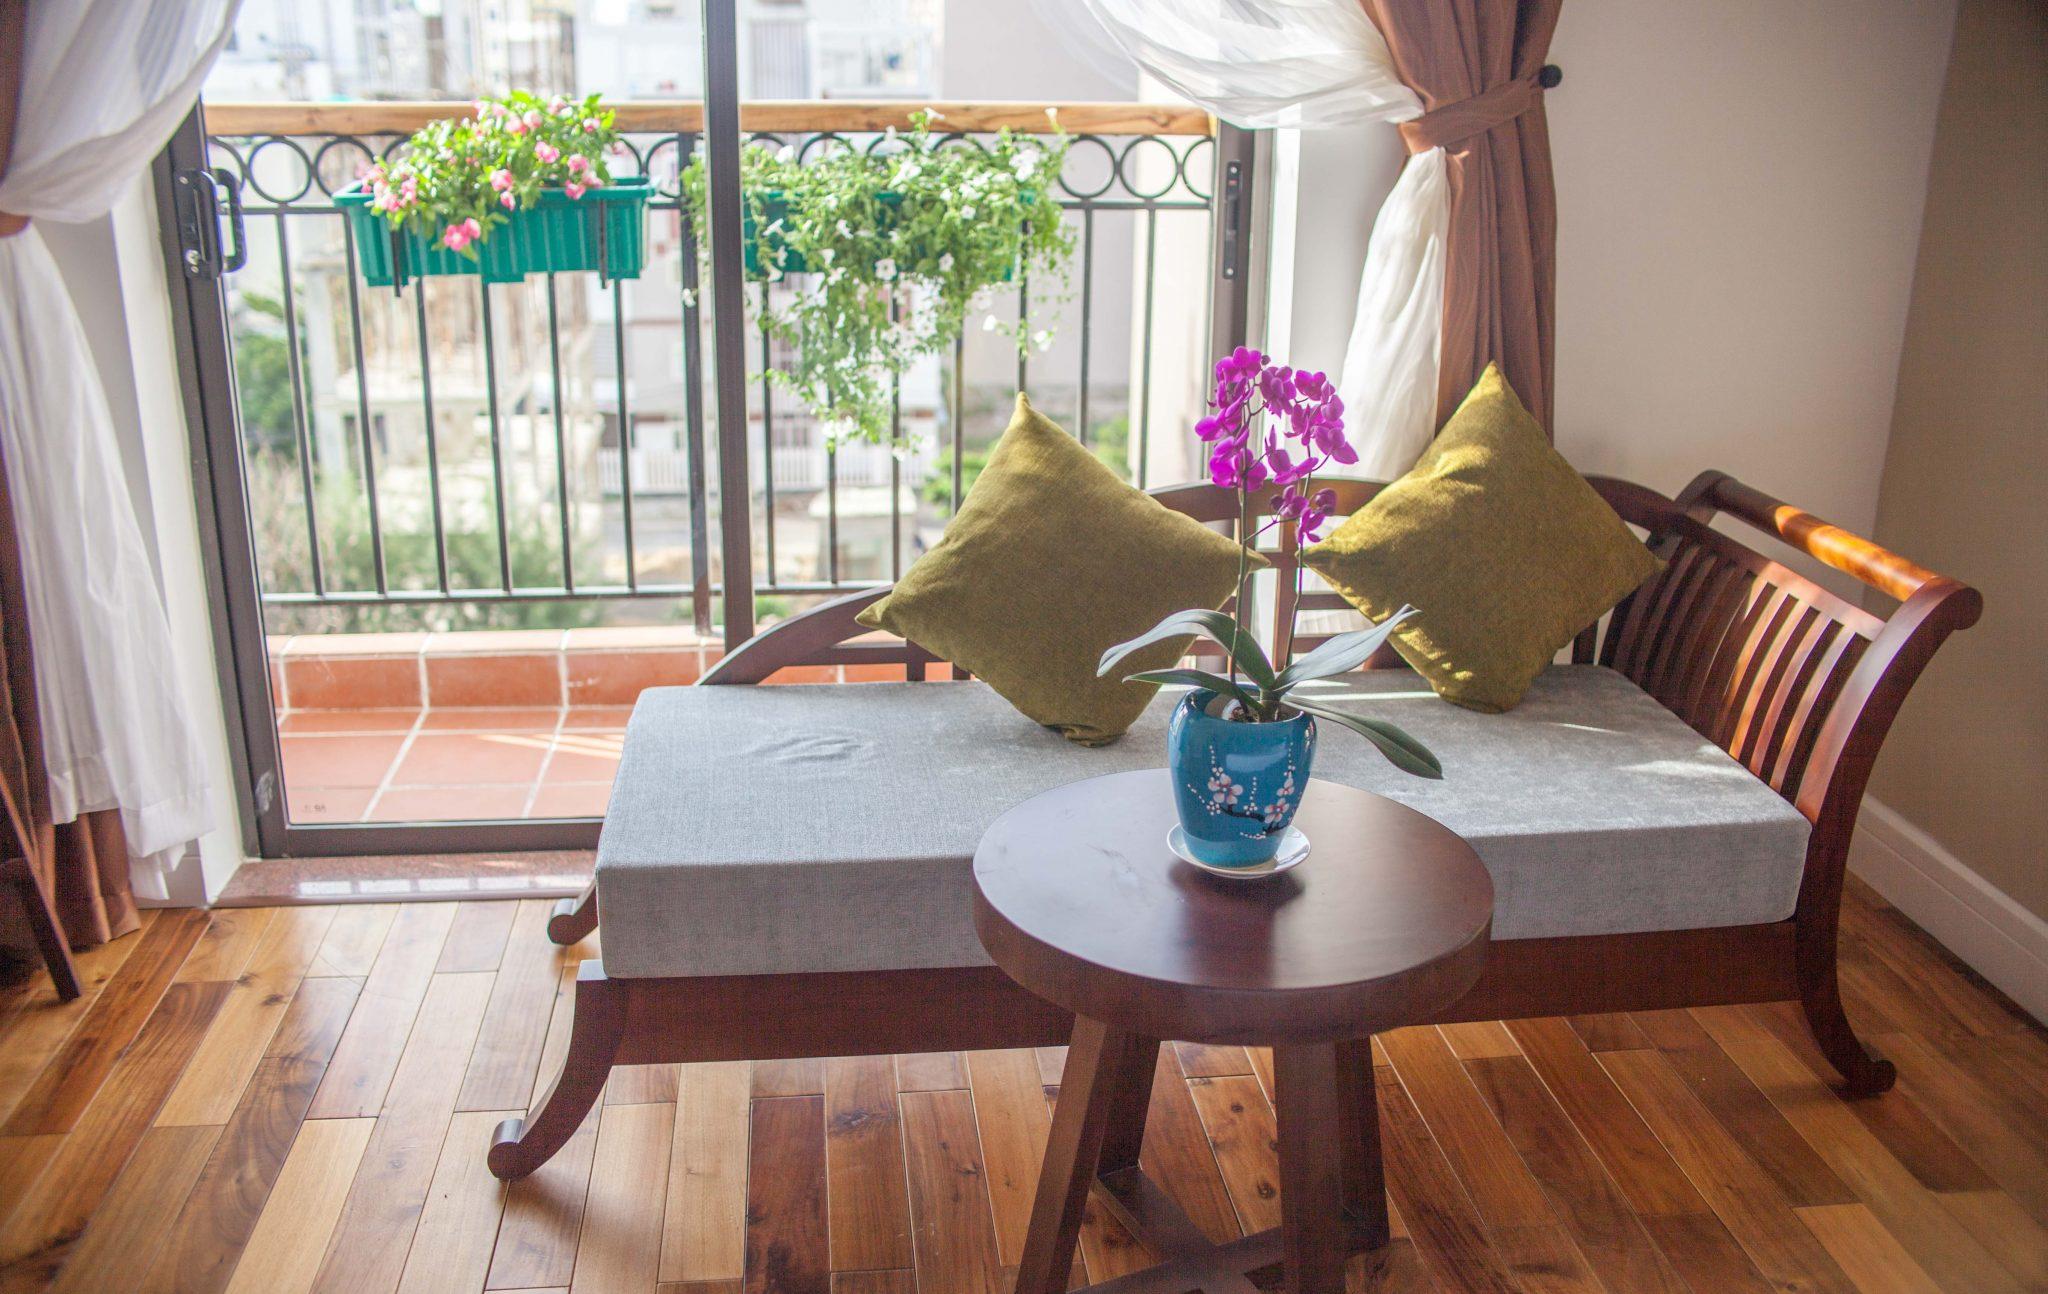 eco-green-da-nang-amenities; eco-green-da-nang-tiện-nghi